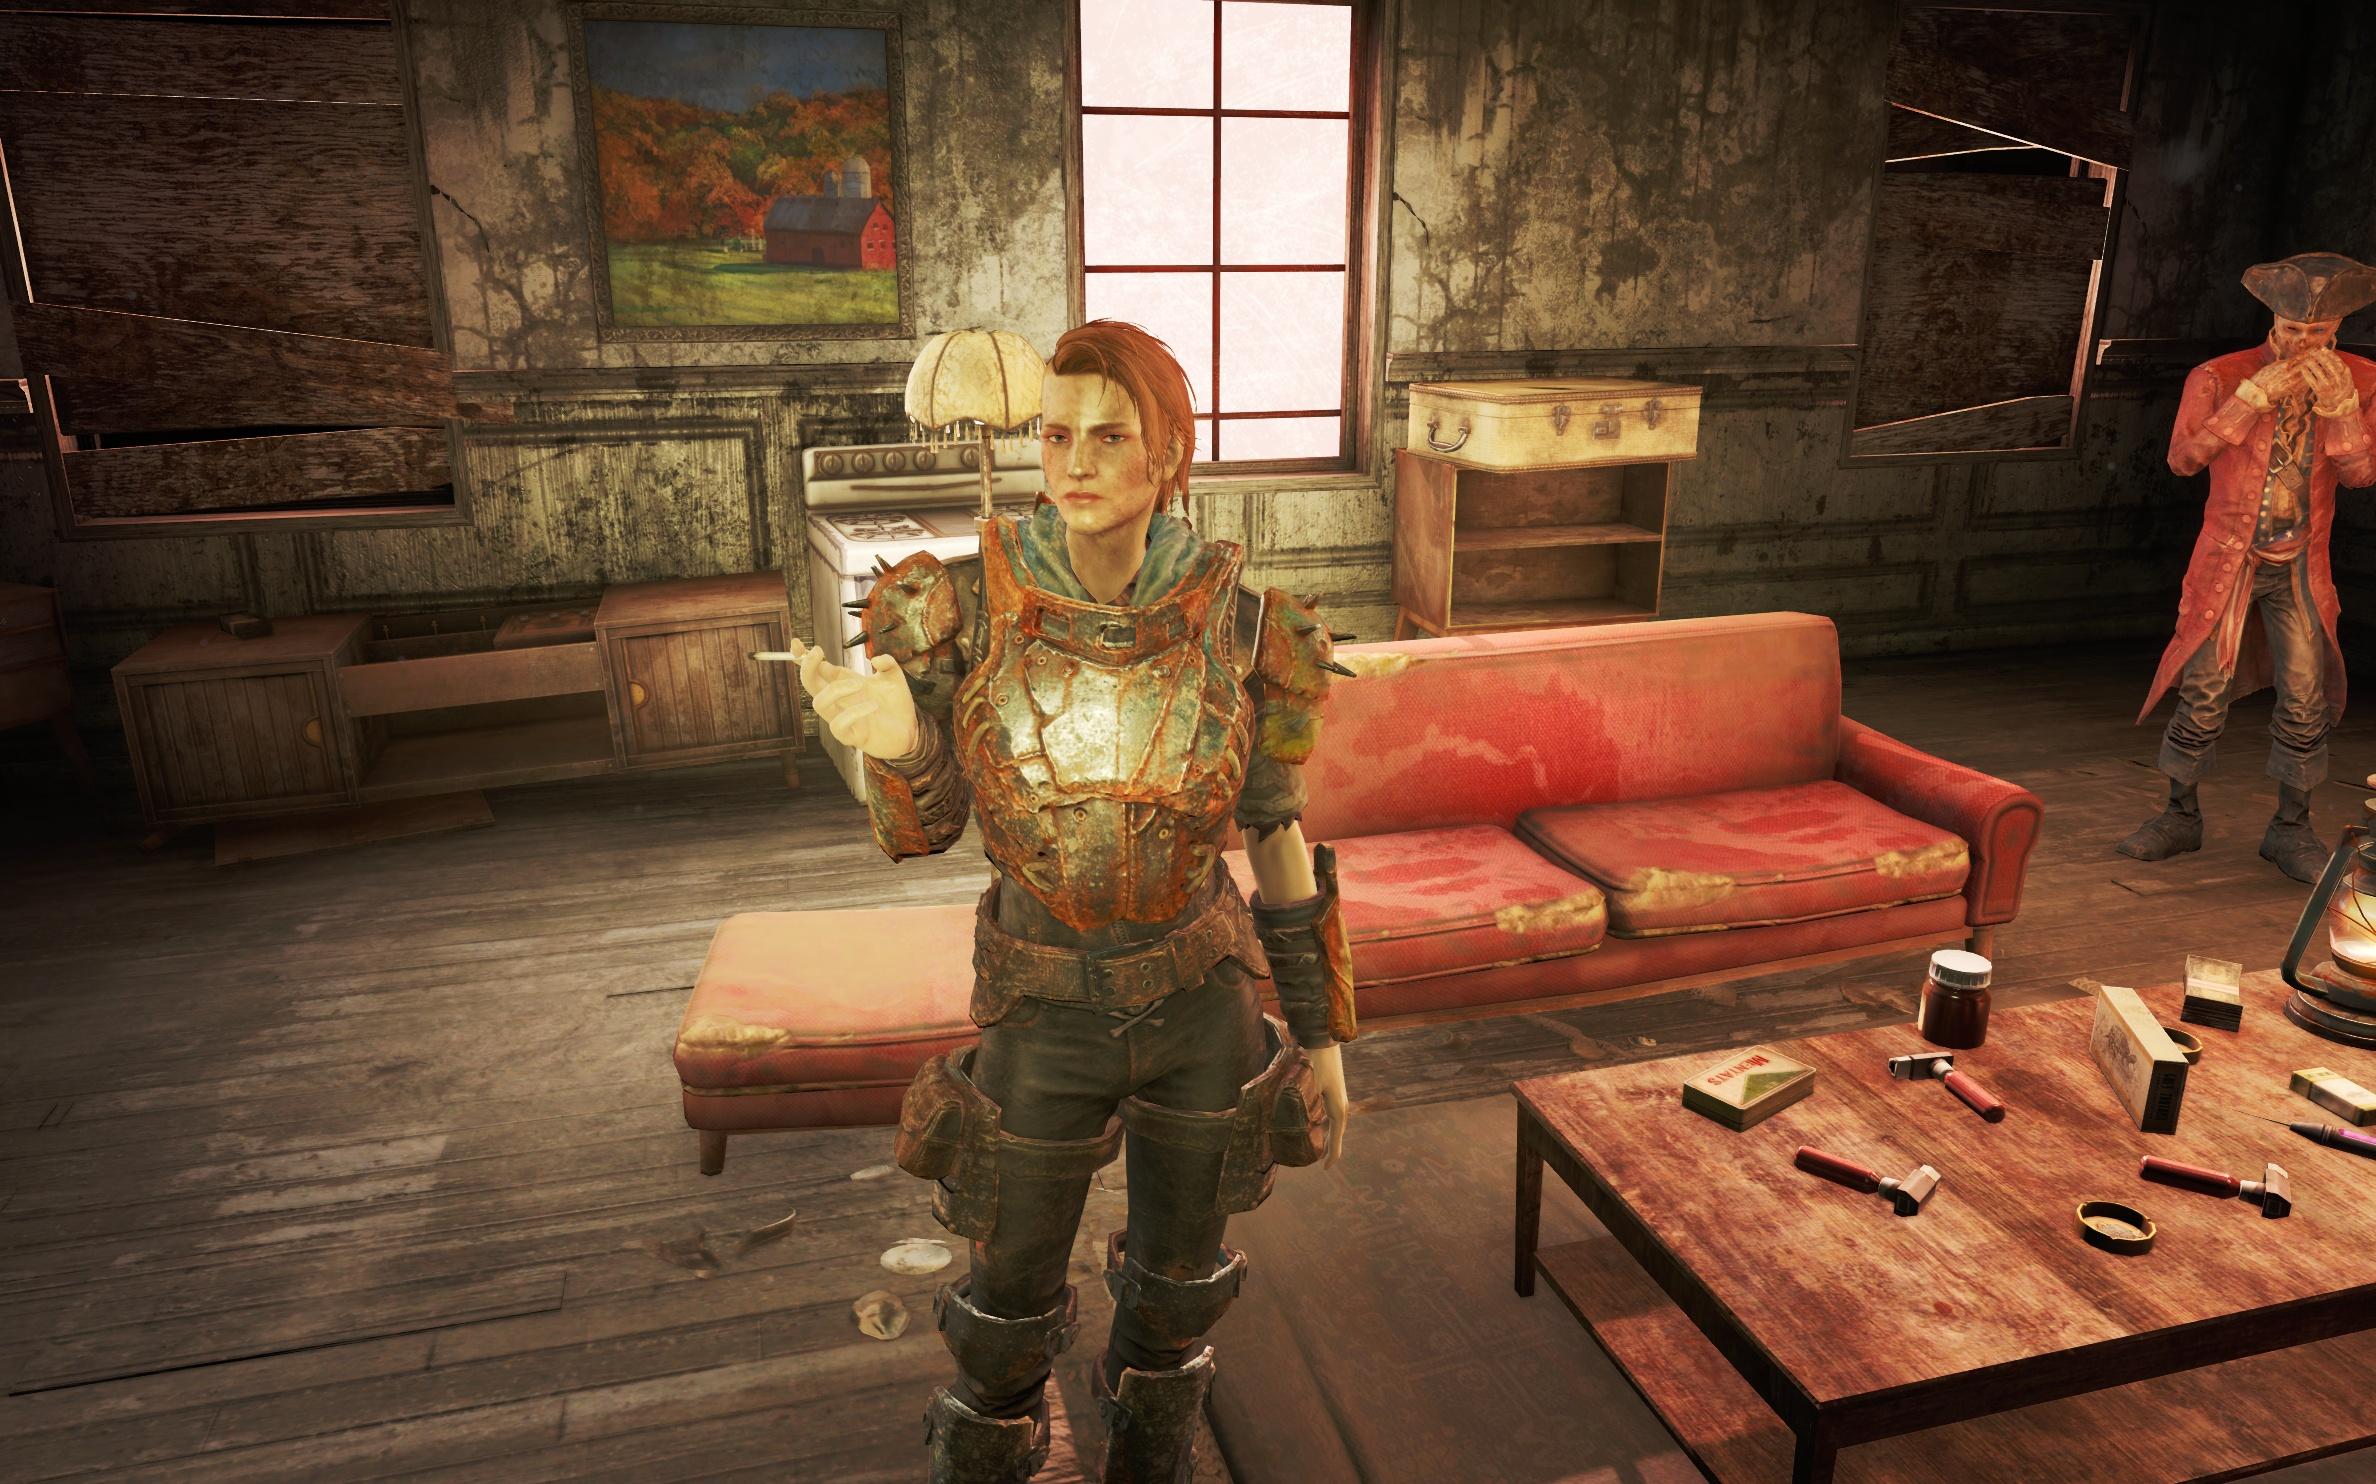 Фаренгейт (Добрососедство, отель Рексфорд) - Fallout 4 Добрососедство, отель, отель Рексфорд, Рексфорд, Фаренгейт